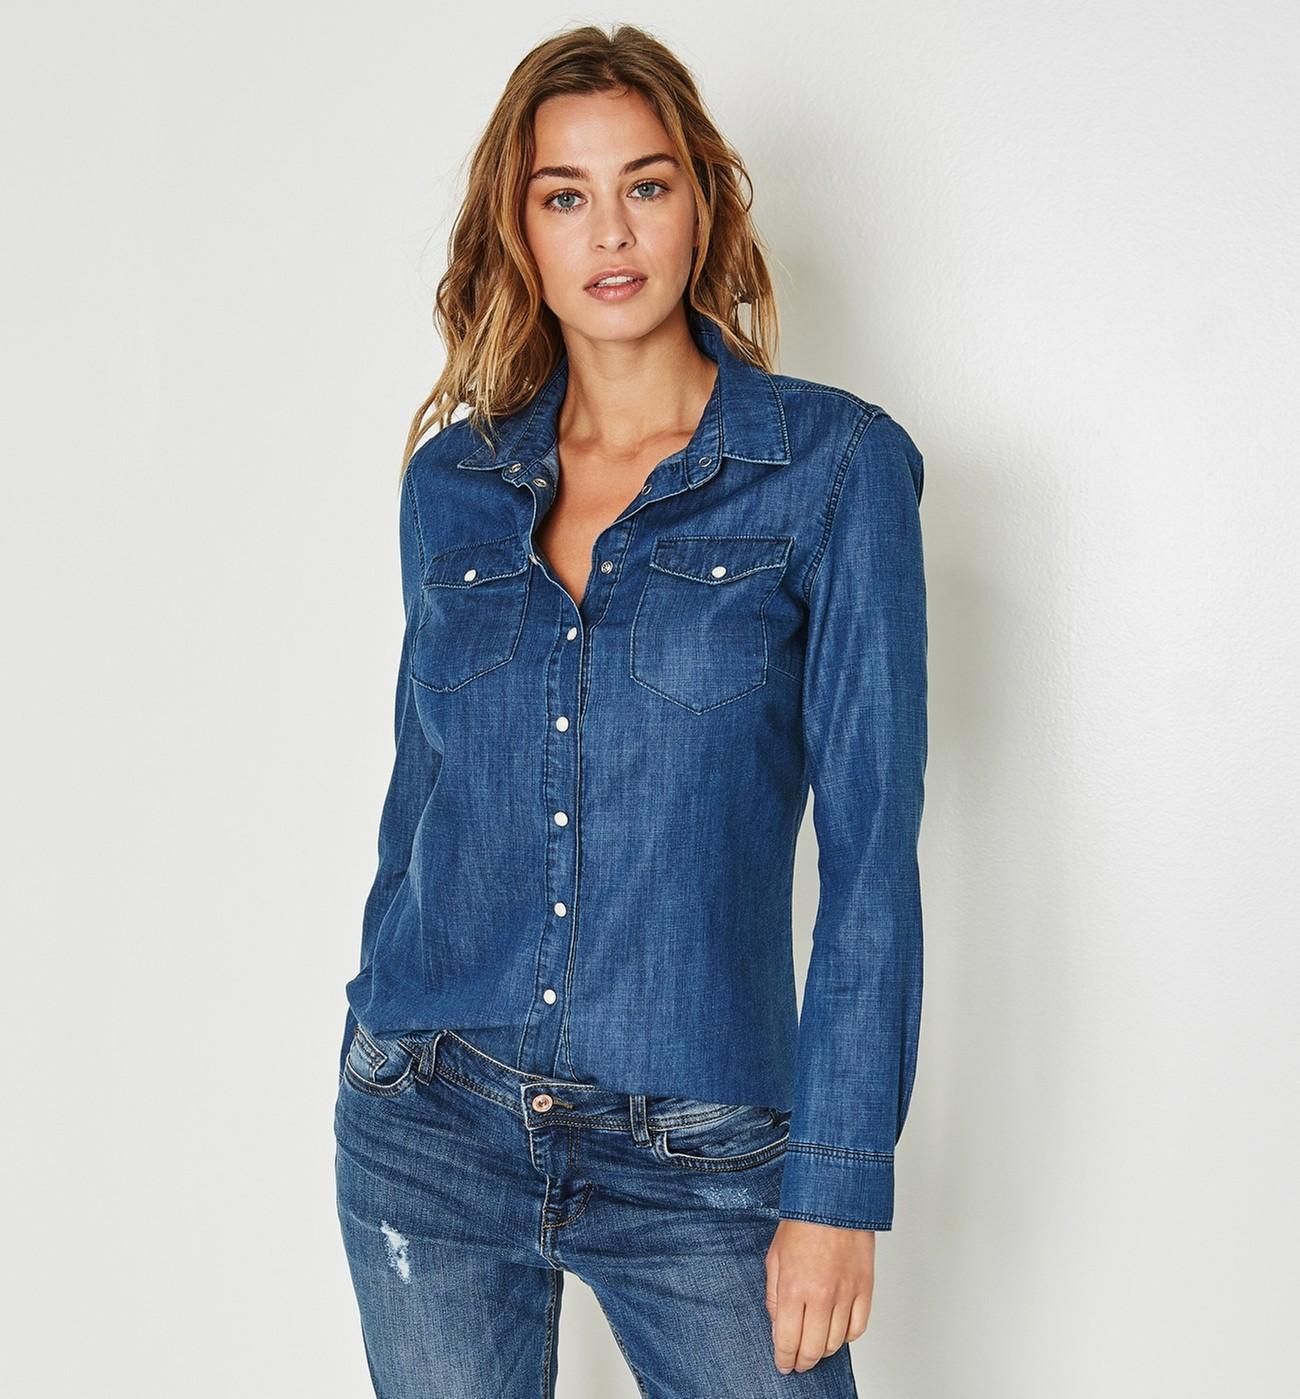 Chemise jean femme cintrée. Chemise jean femme cintrée. Je veux trouver une belle  chemise femme et agréable à porter pas cher ICI ... 0a1ea1d1da73